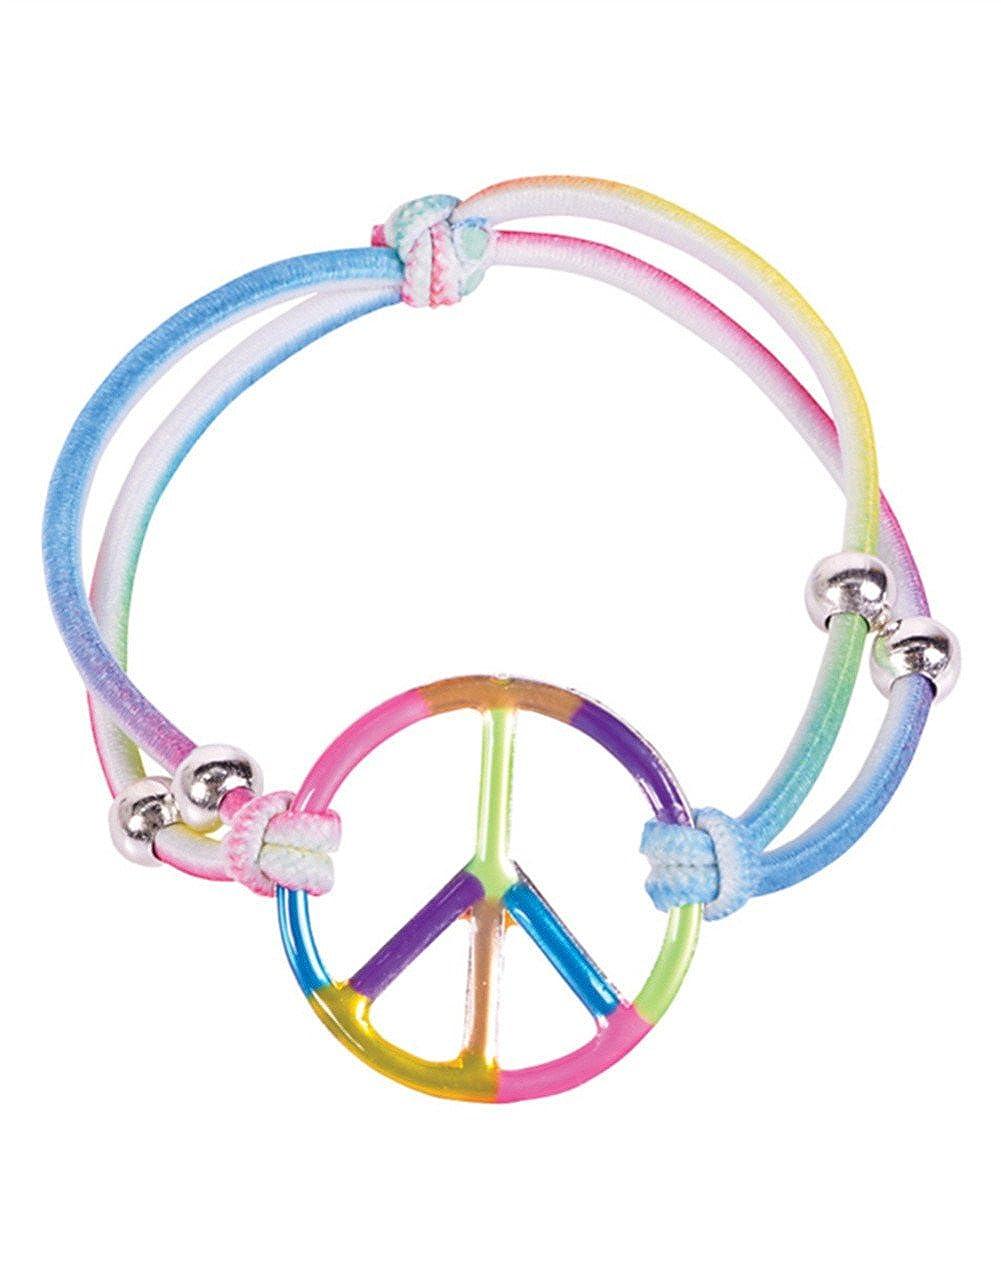 tienda hace compras y ventas Girls Elastic Rainbow Peace Bracelets Girls Party Favors: Set of of of 12  bienvenido a elegir